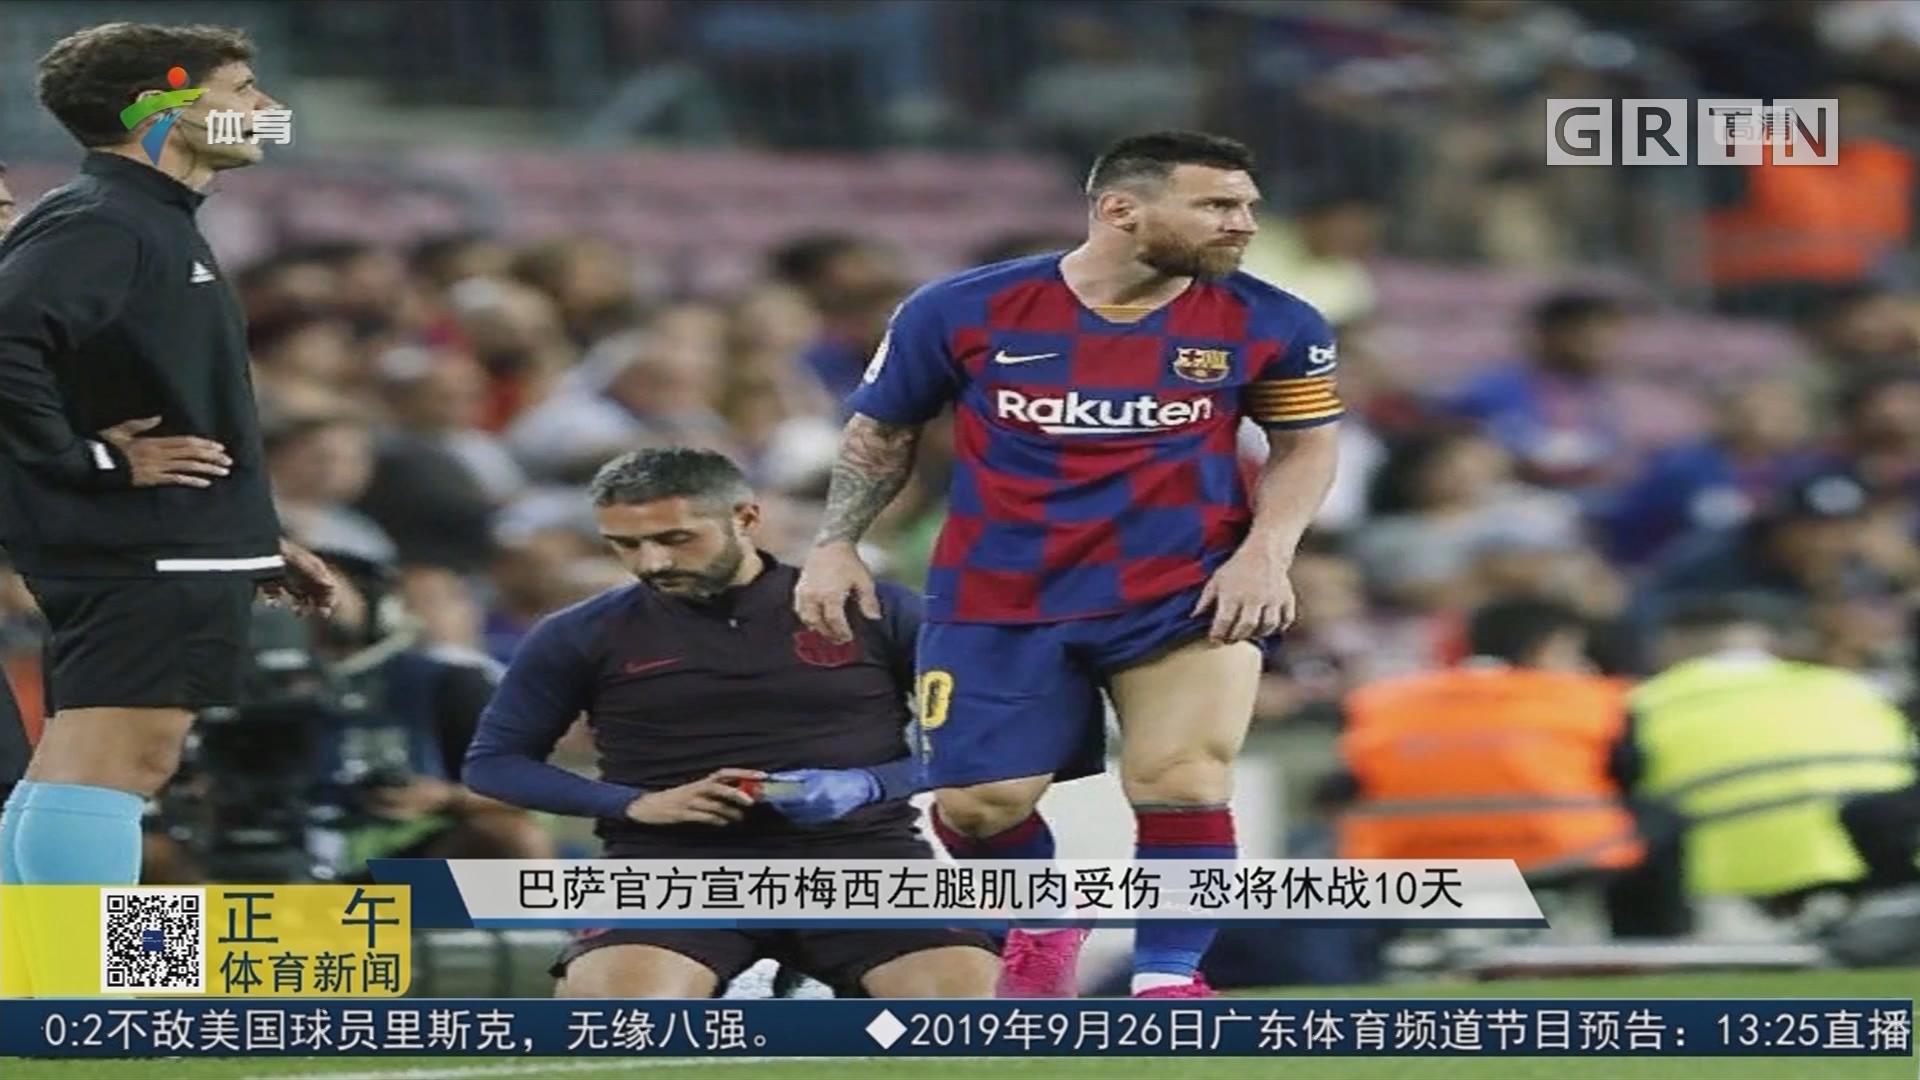 巴萨官方宣布梅西左腿肌肉受伤 恐将休战10天